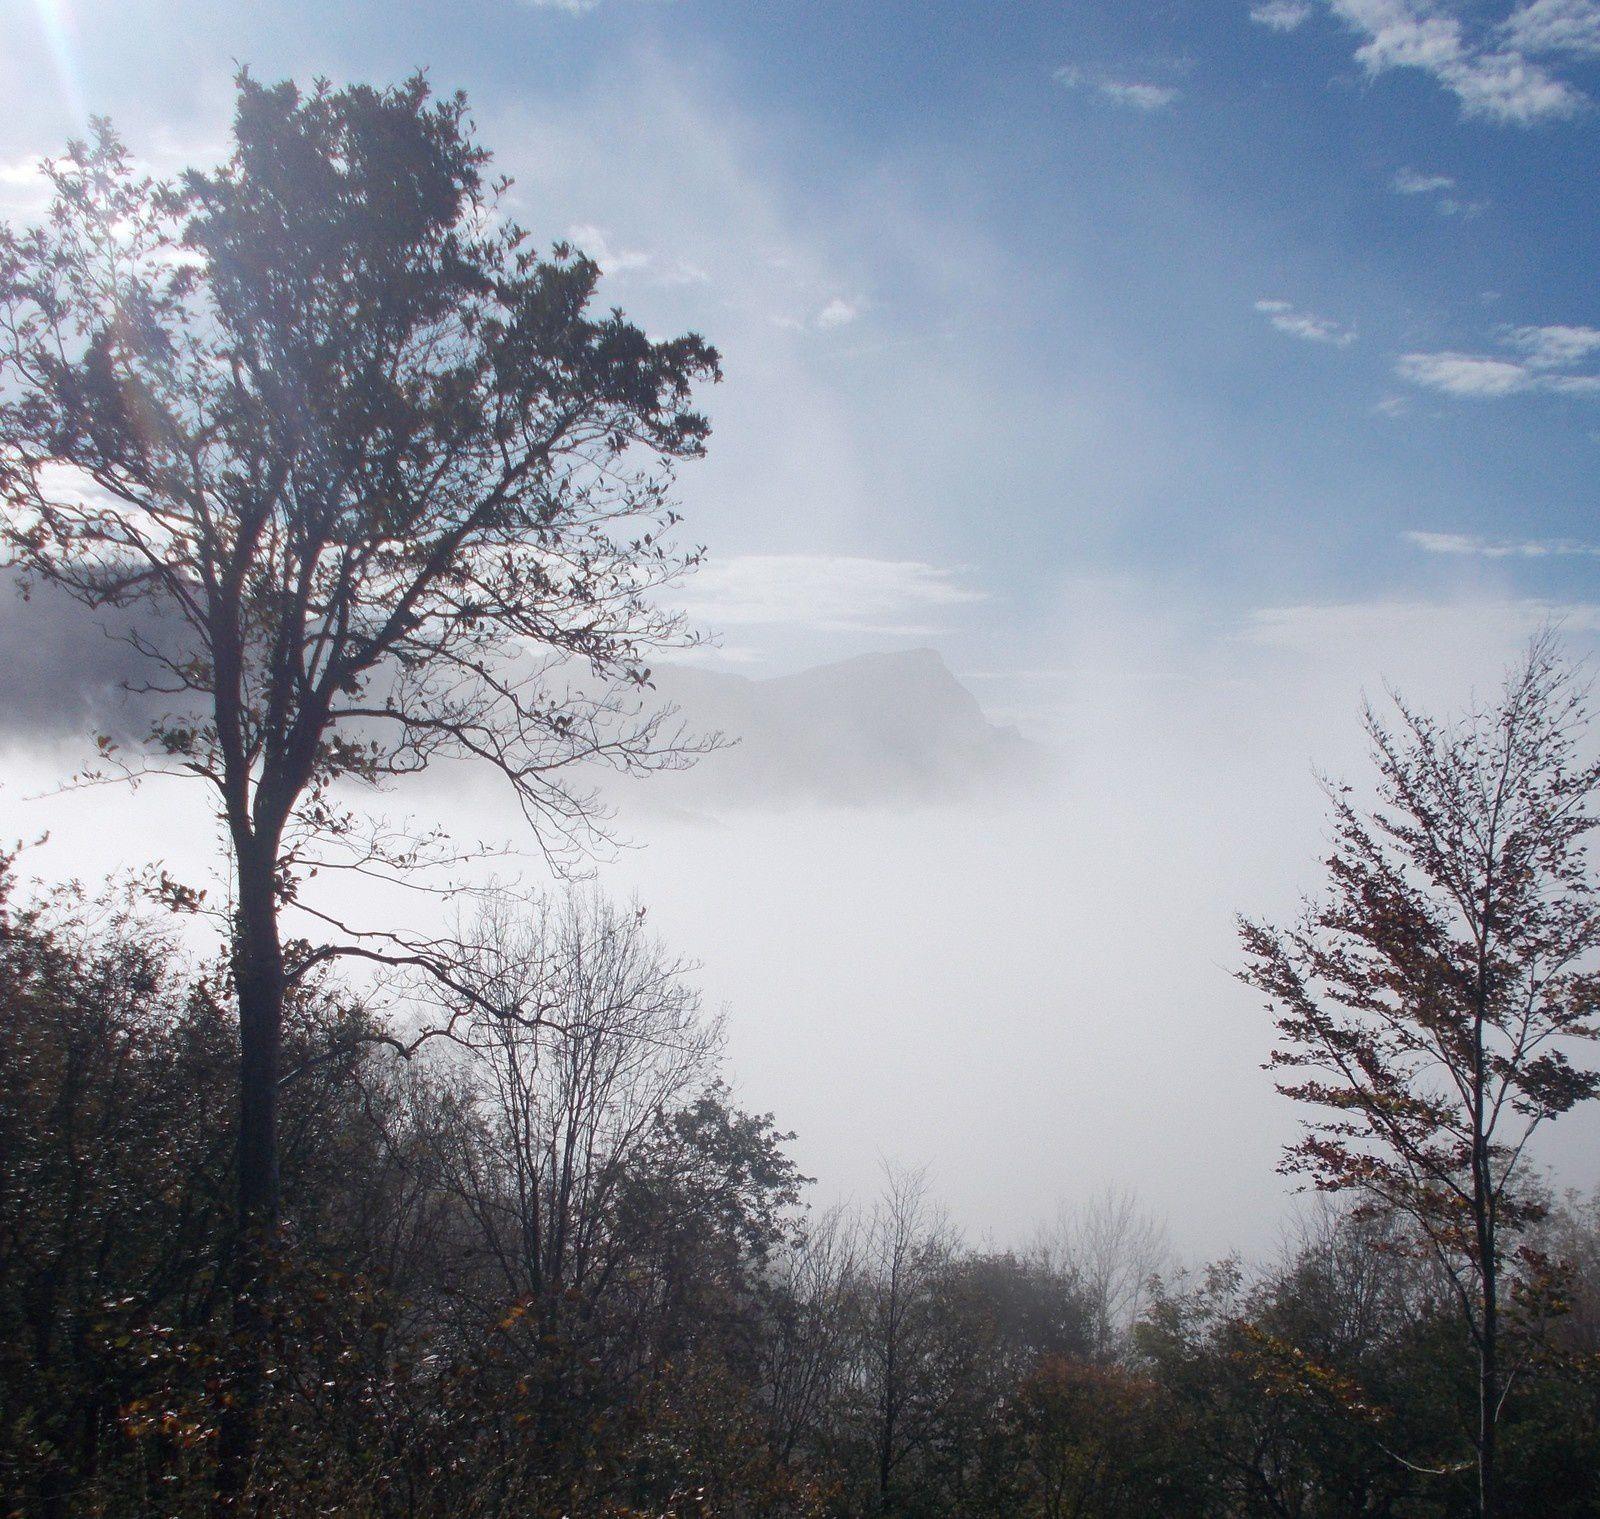 Photos prises par Régis Roux le 30 octobre 2019 dans les Monts du matin ( Vercors; Drôme.)